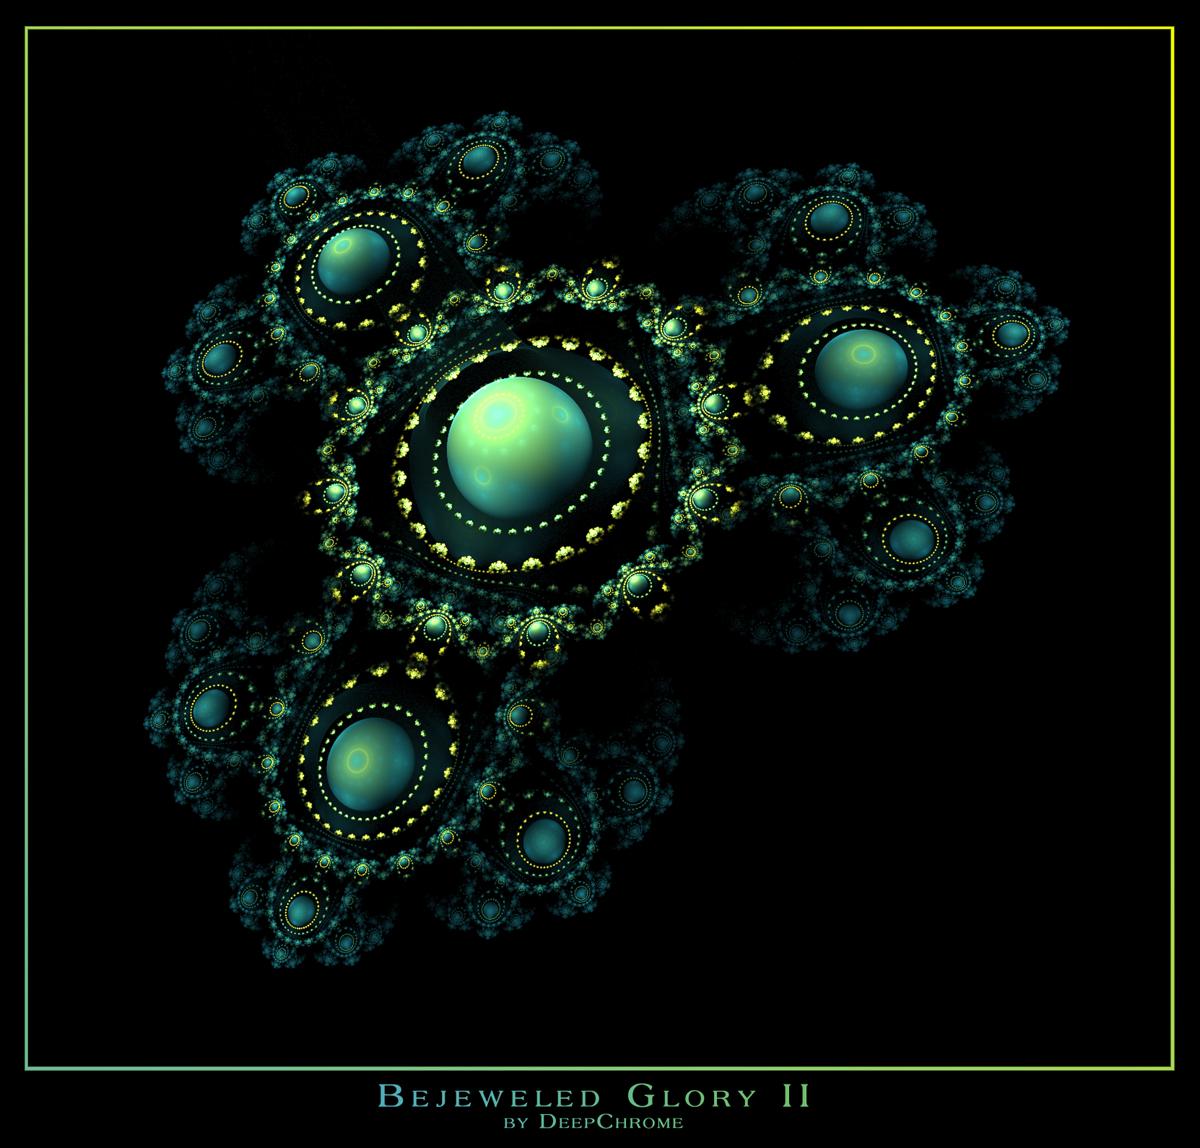 BEJEWELED GLORY II by DeepChrome